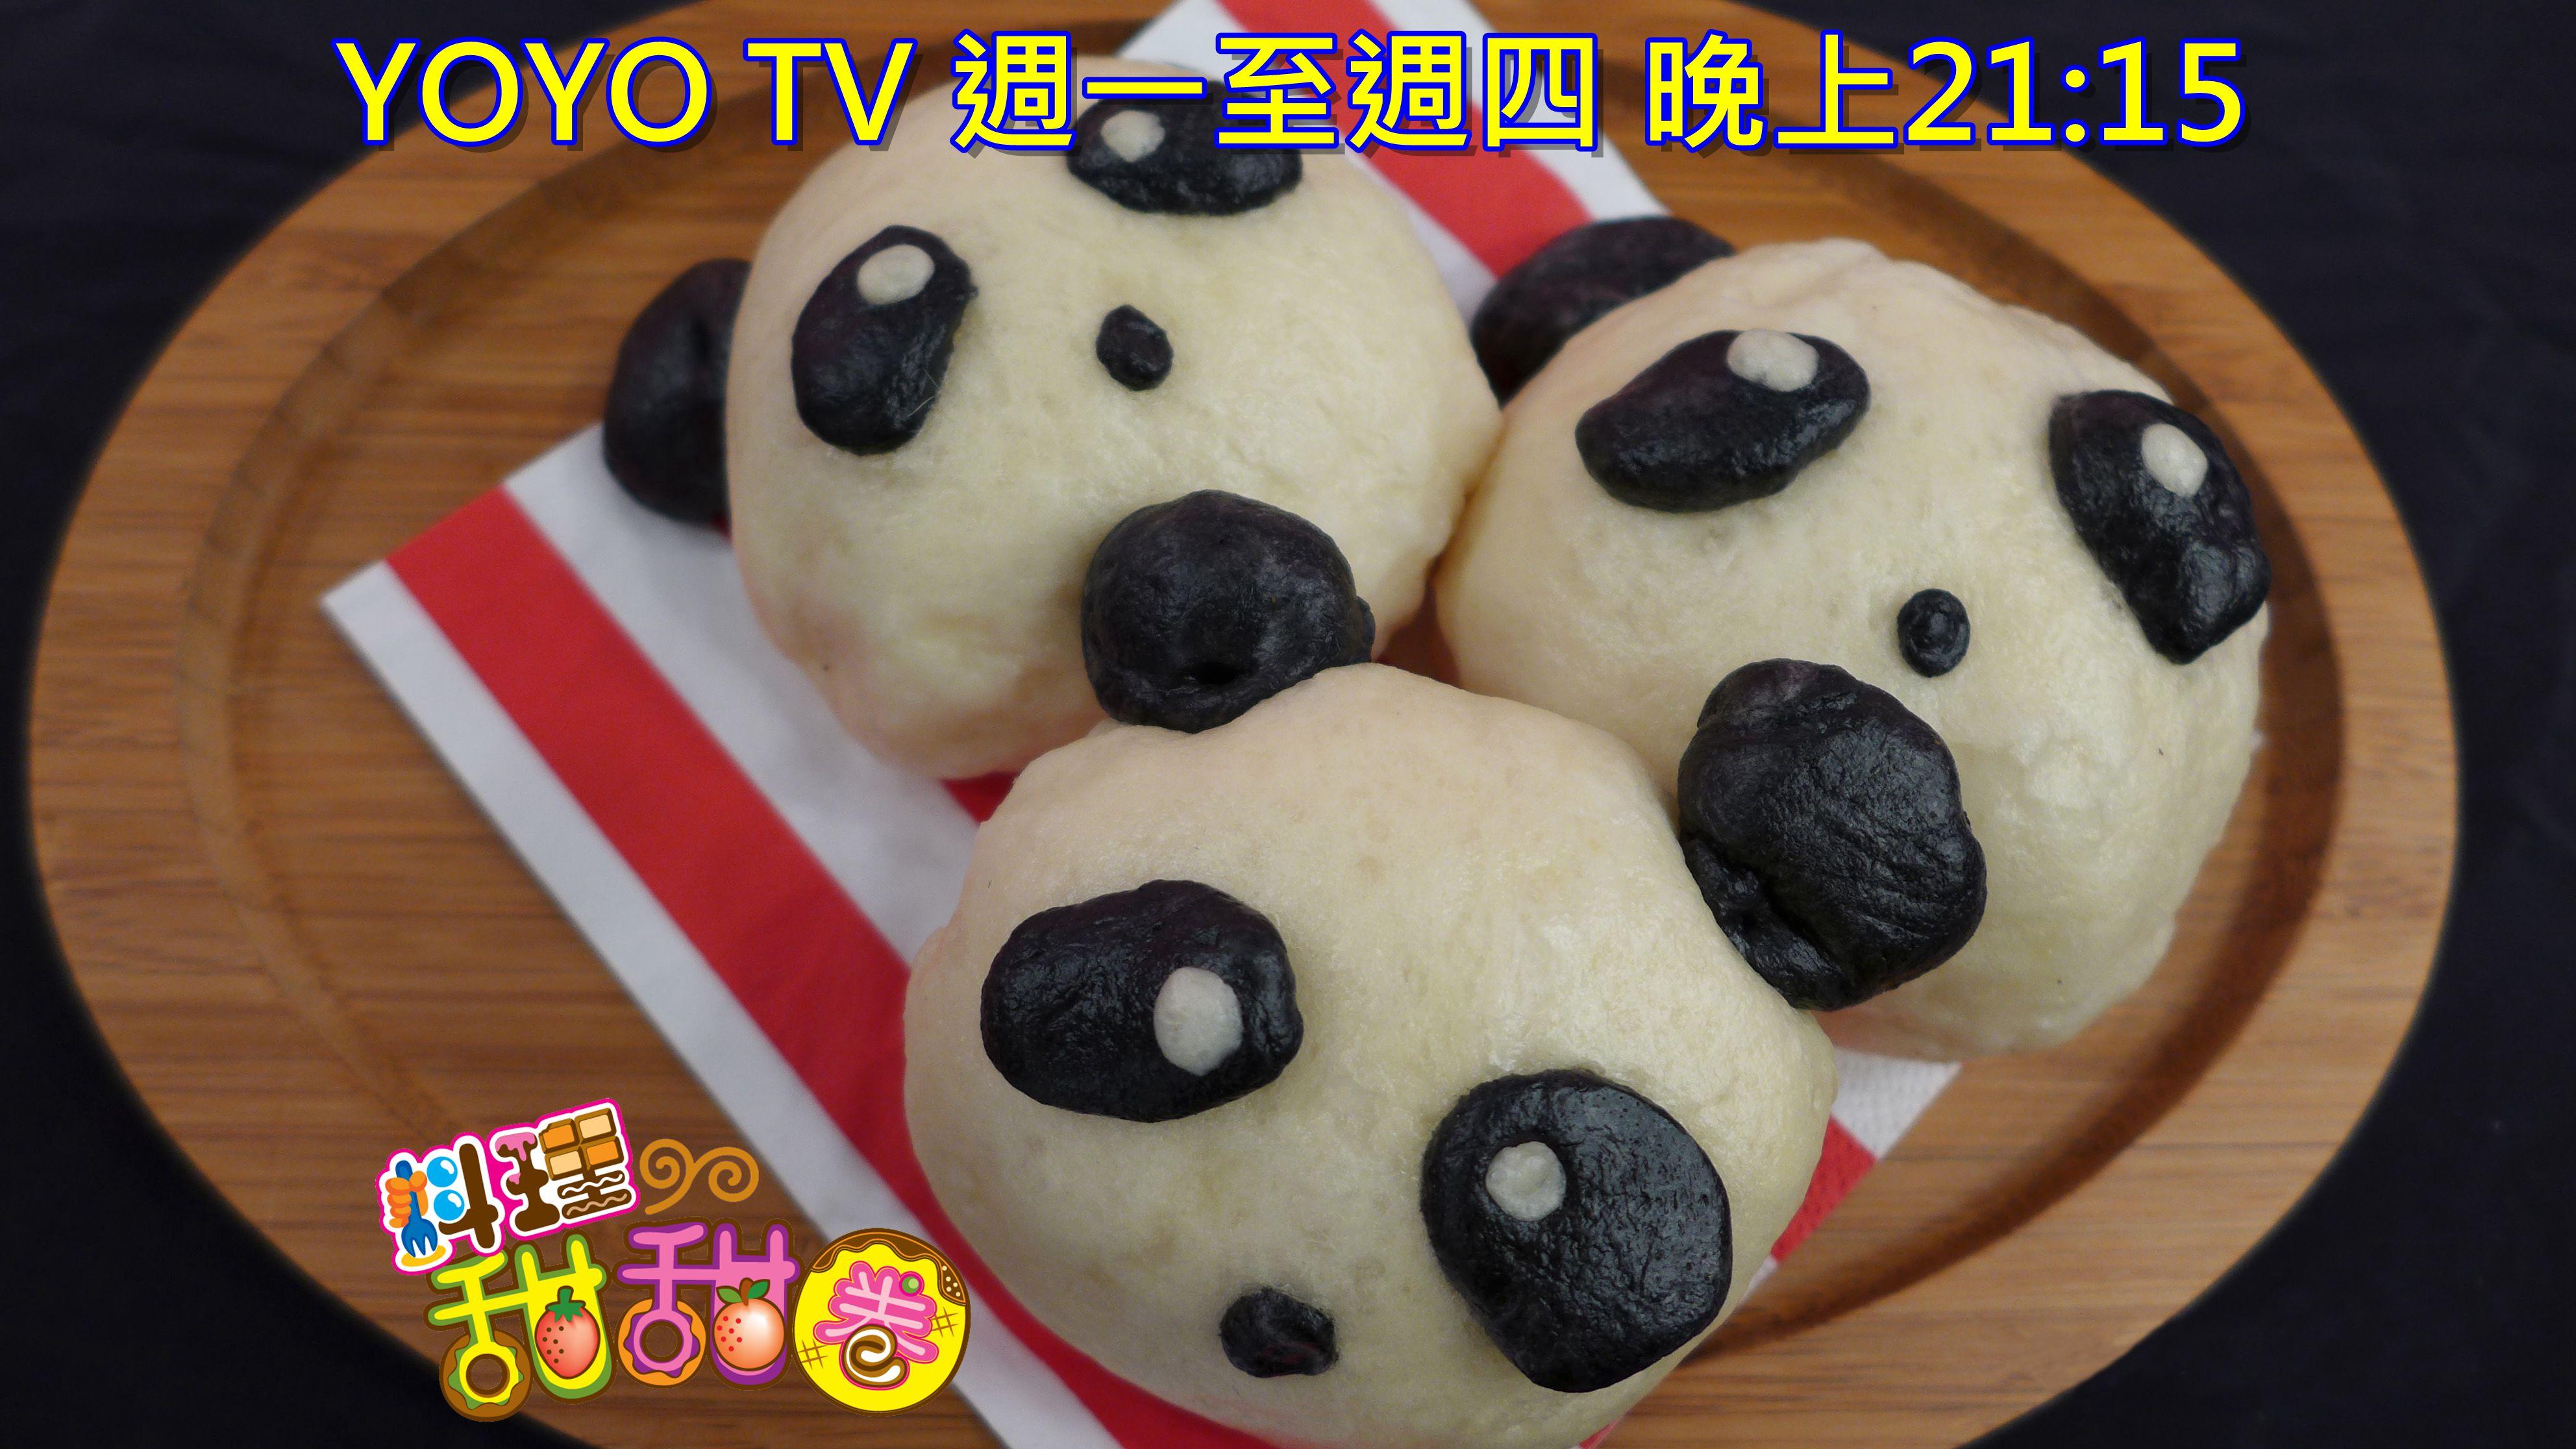 料理甜甜圈<健康點心週> 熊貓小饅頭